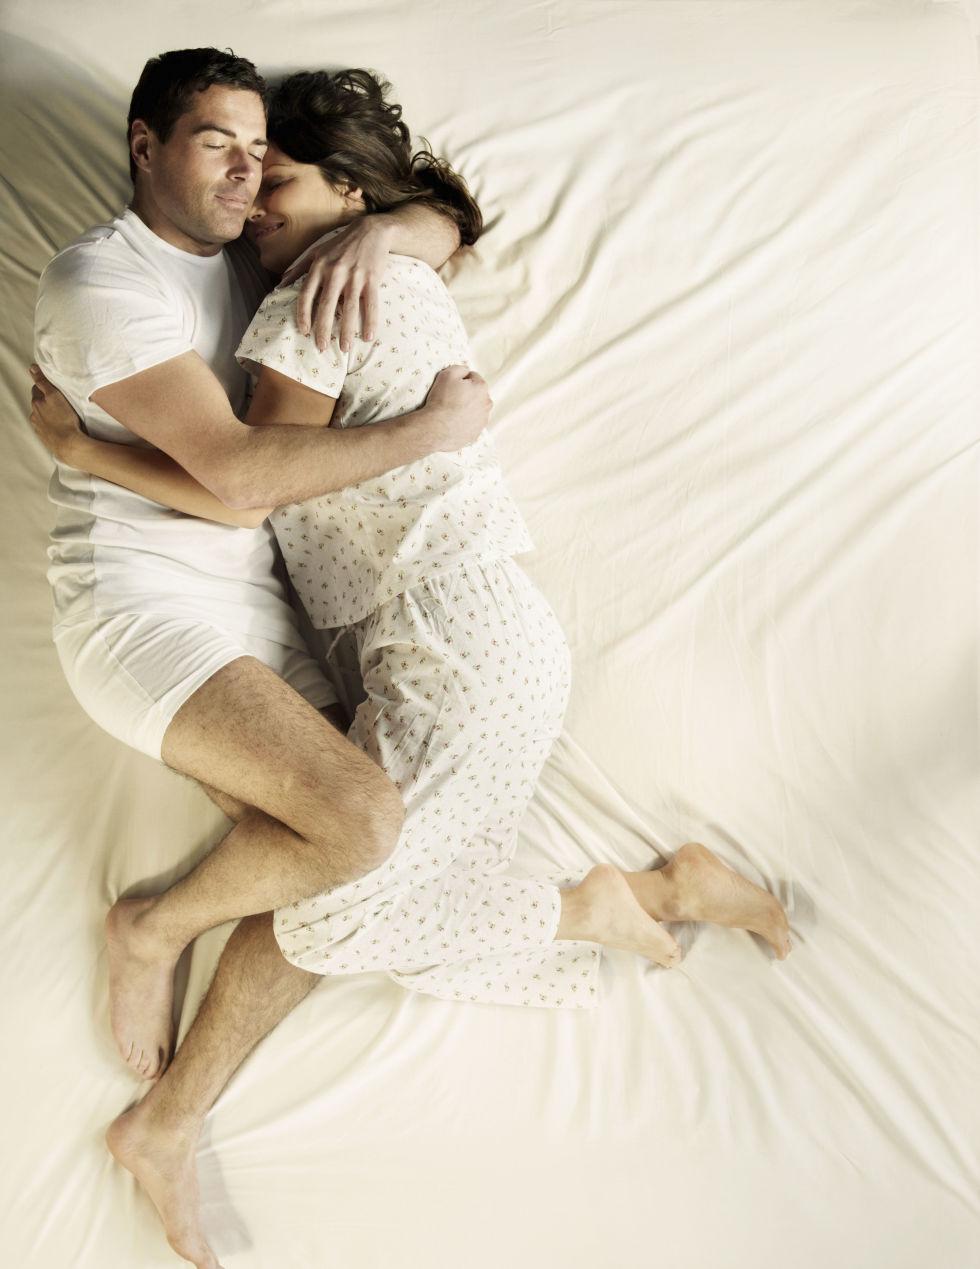 Alvópózok amik mindent elmondanak a párkapcsolatodról 9